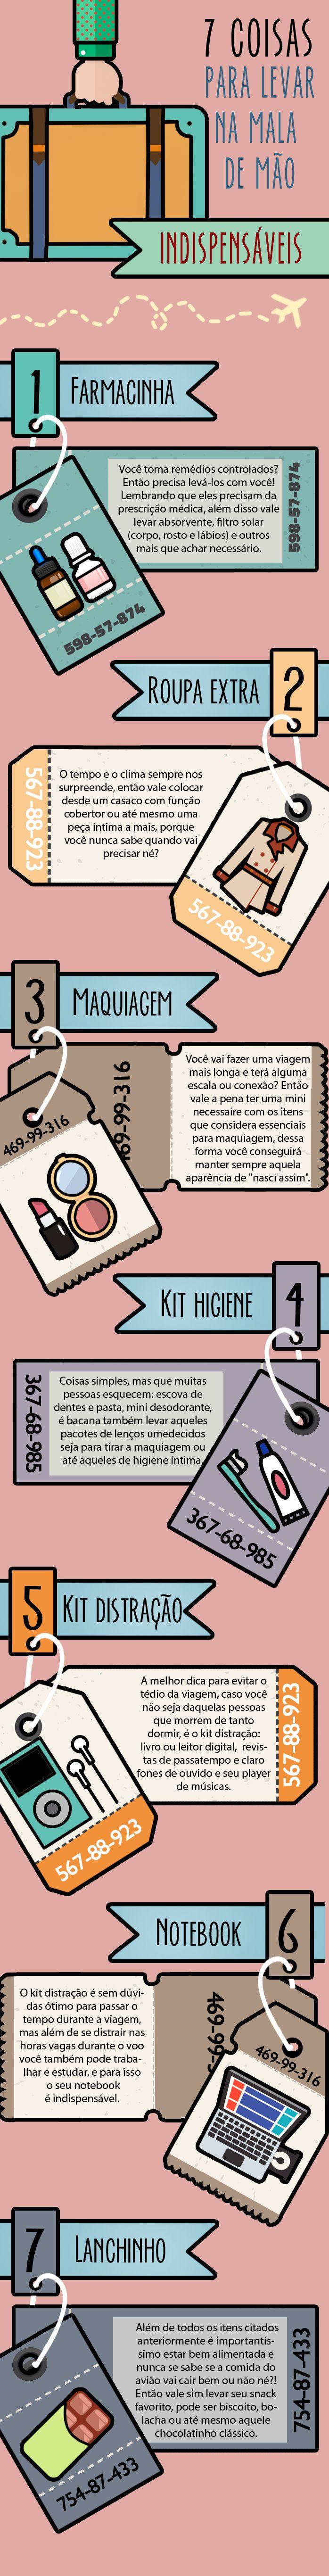 Mala de mão #CabideColorido #Infográfico